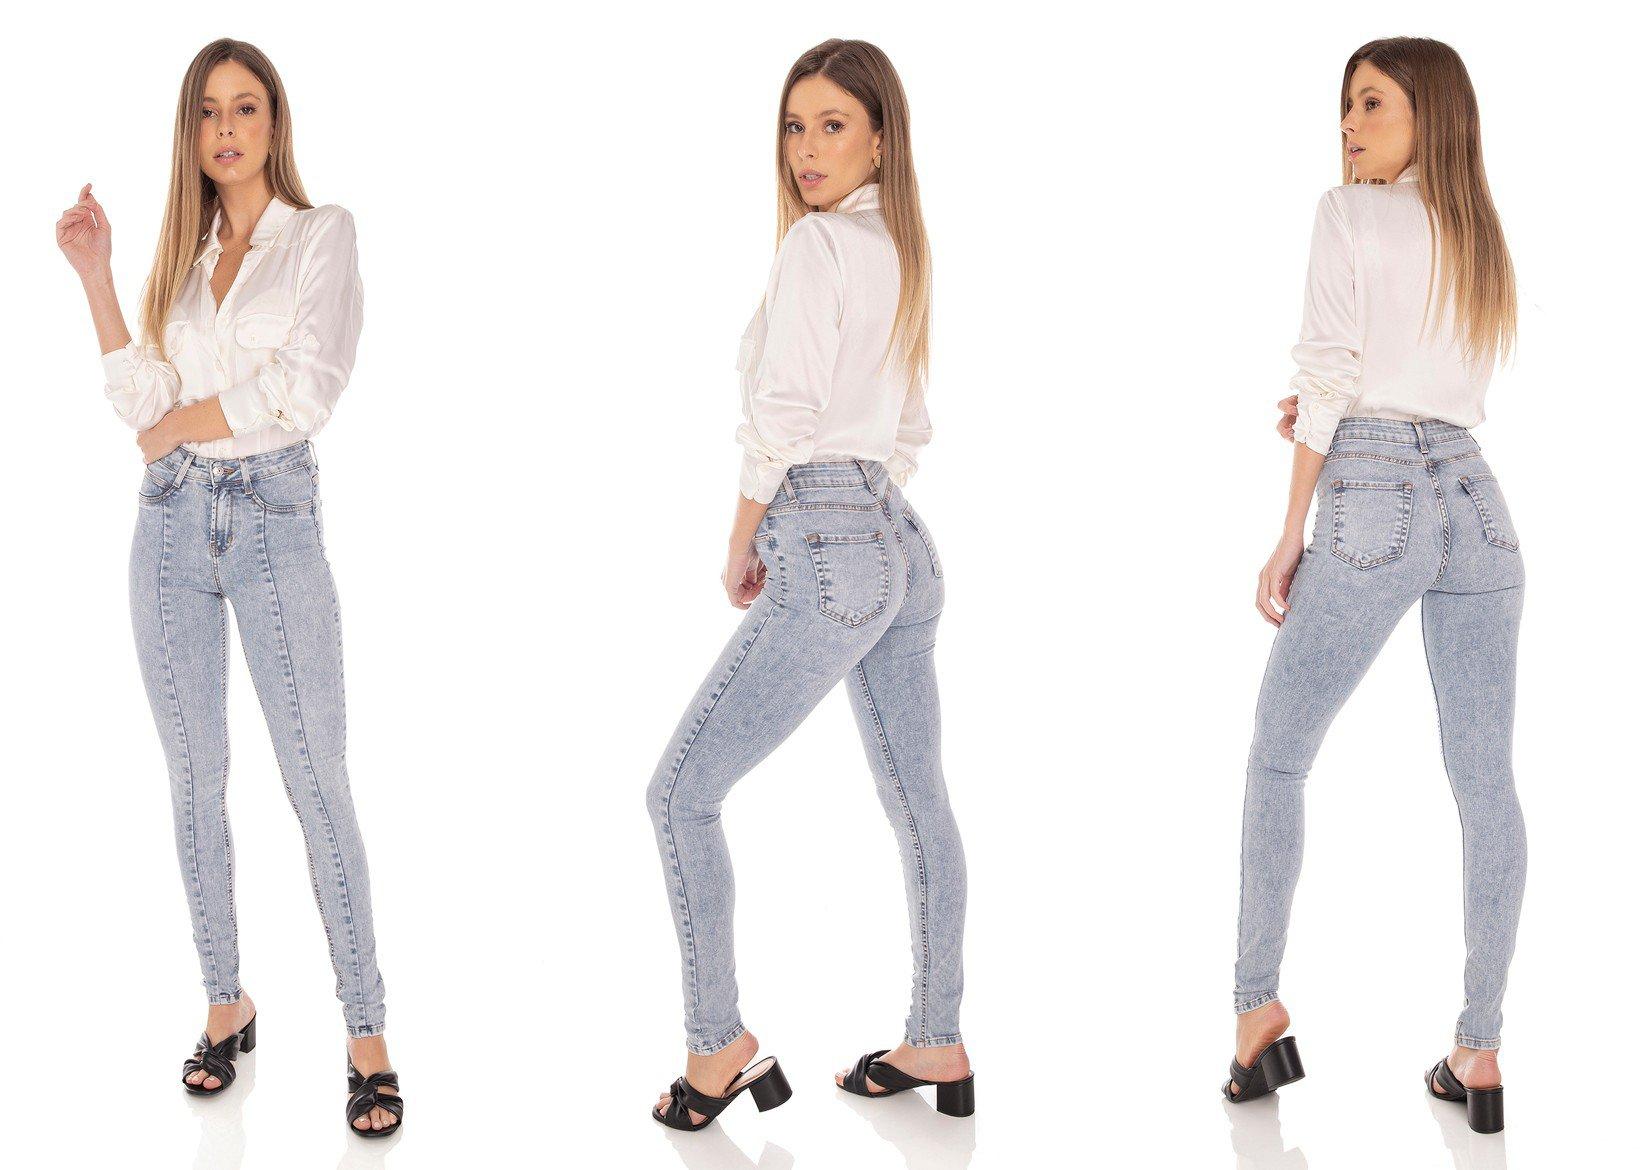 dz3497 calca jeans feminina skinny media recorte frontal denim zero tripla